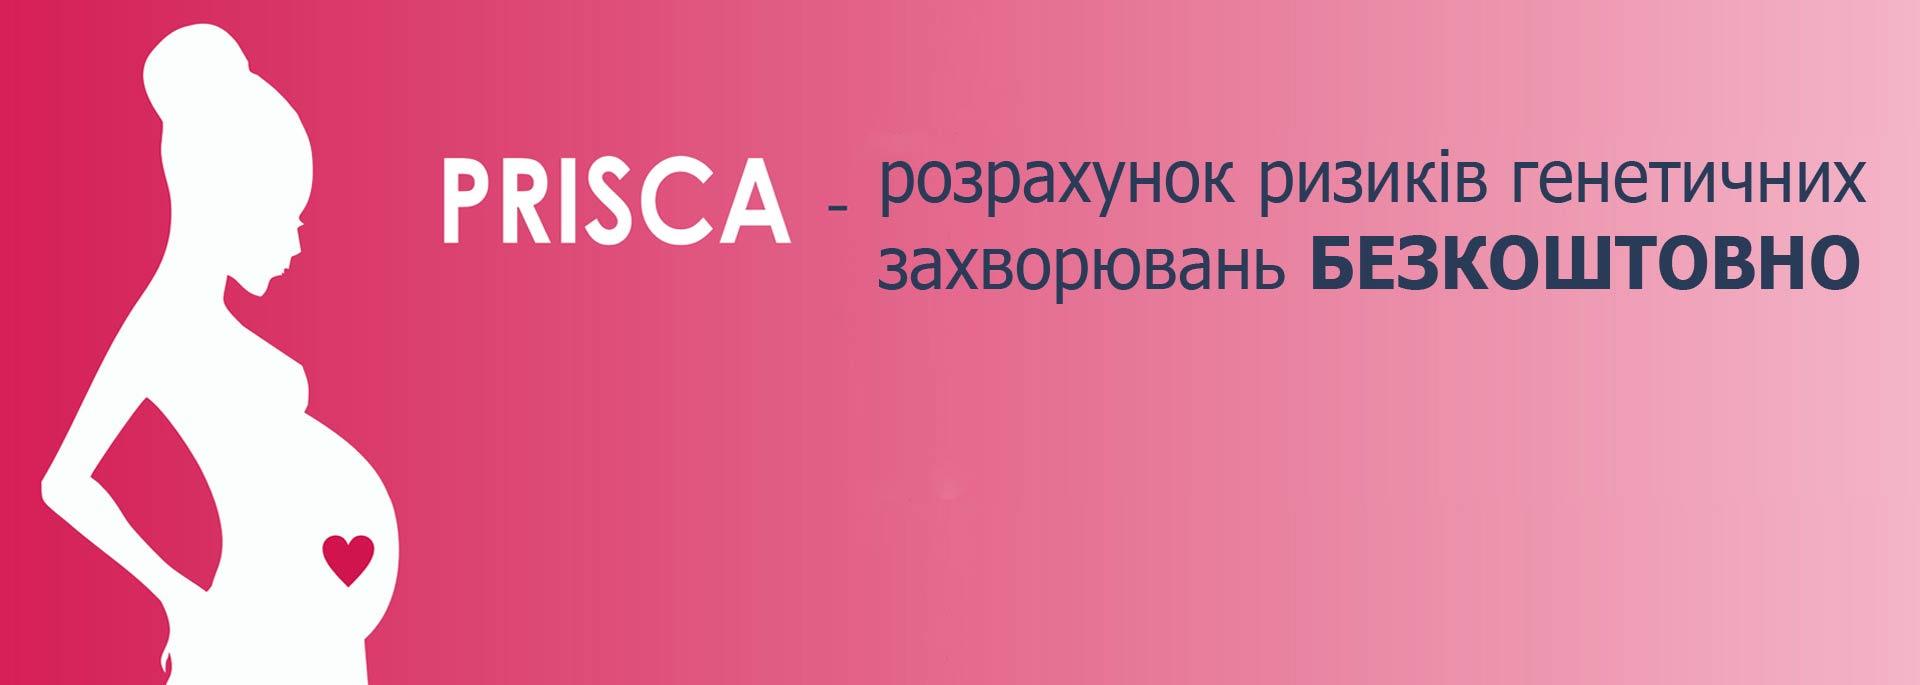 PRISCA — розрахунок ризиків генетичних захворювань безкоштовно